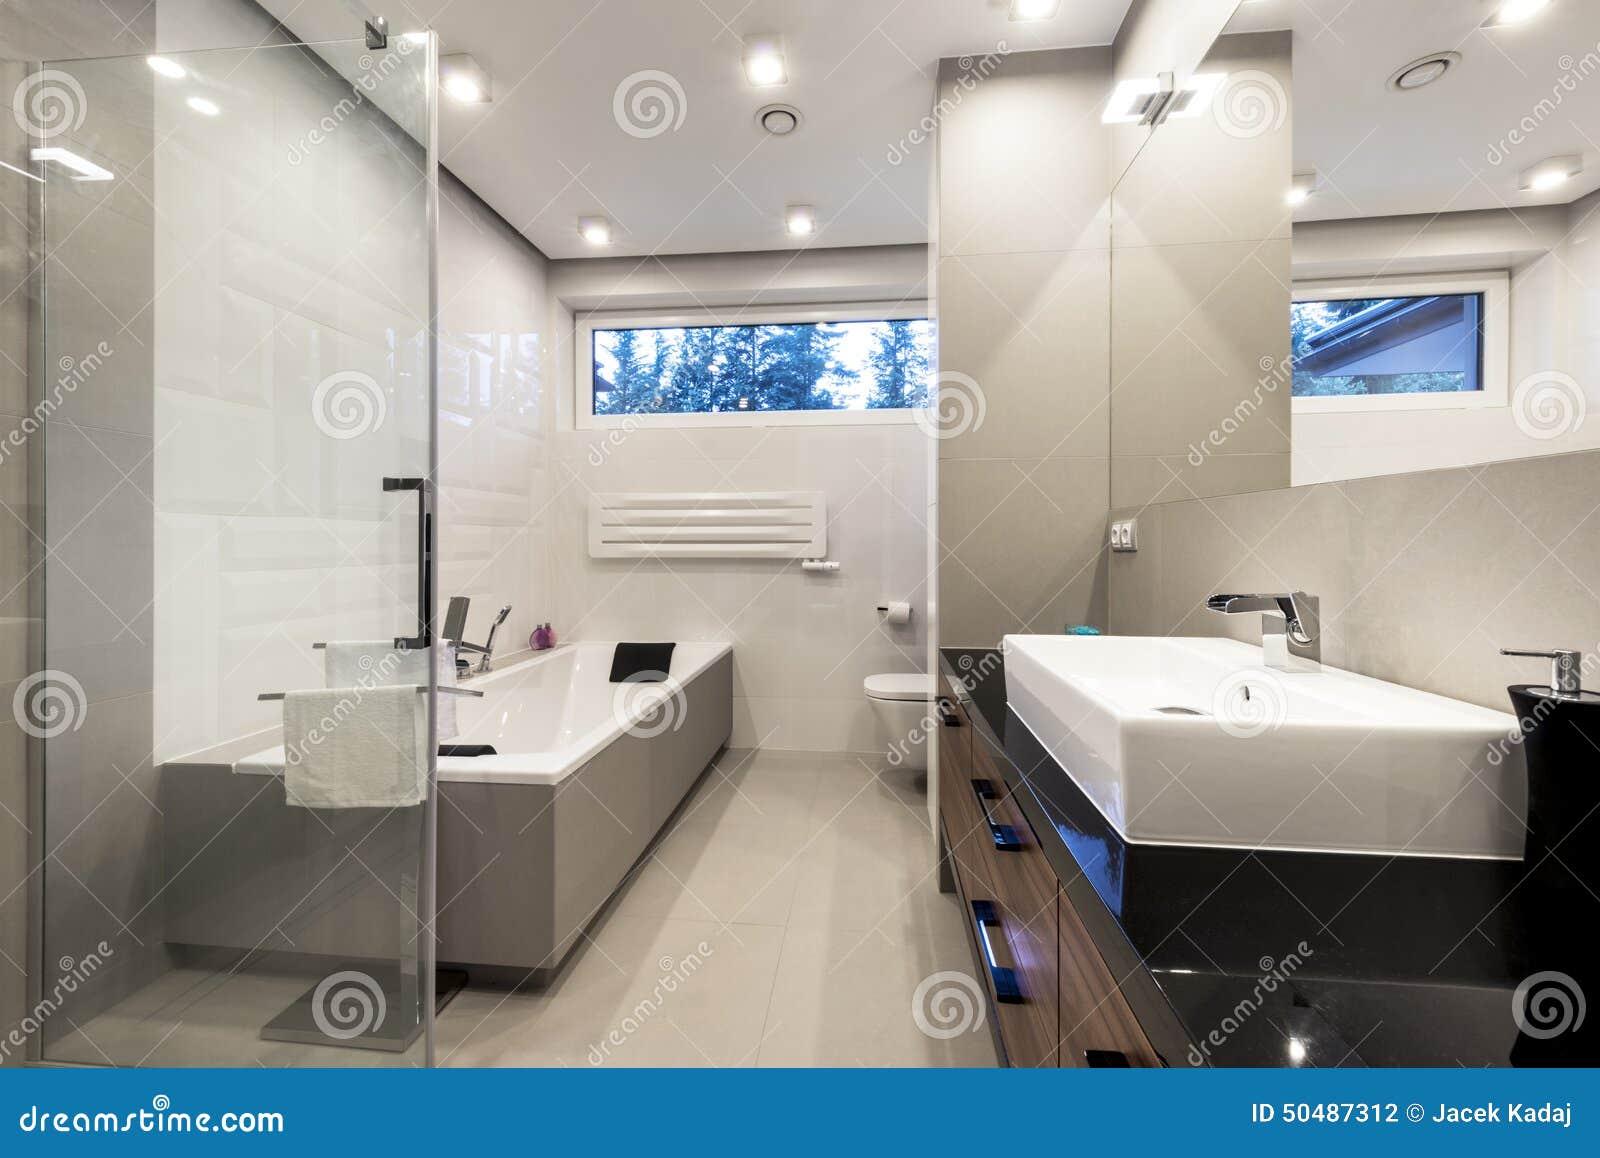 bagno di lusso moderno con il bagno fotografia stock - immagine ... - Bagni Lussuosi Moderni